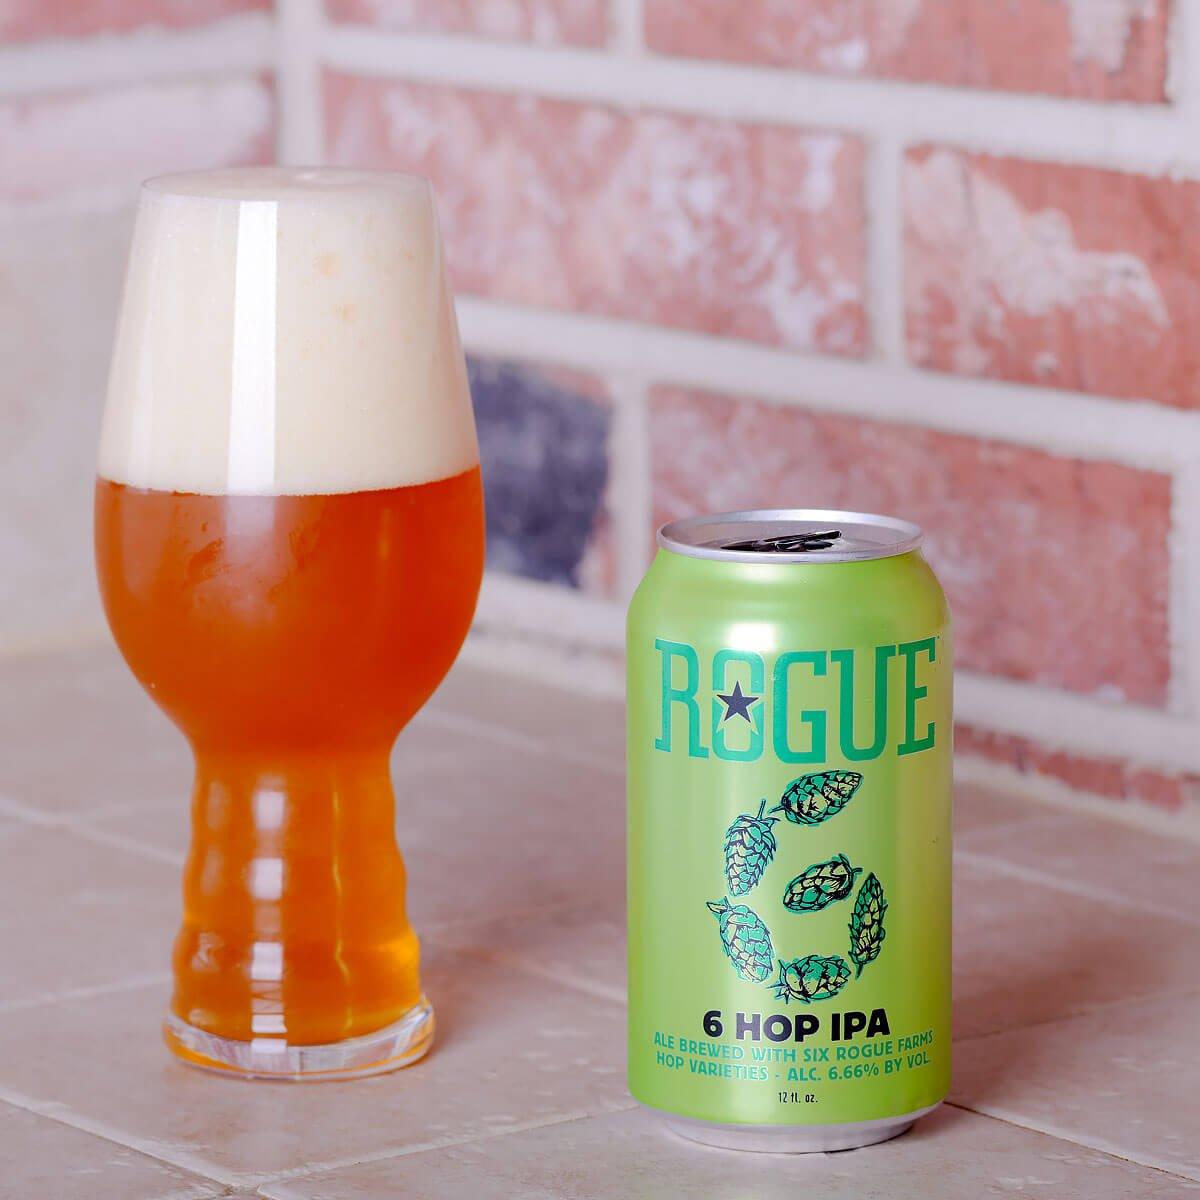 6 Hop IPA, an American IPA by Rogue Ales